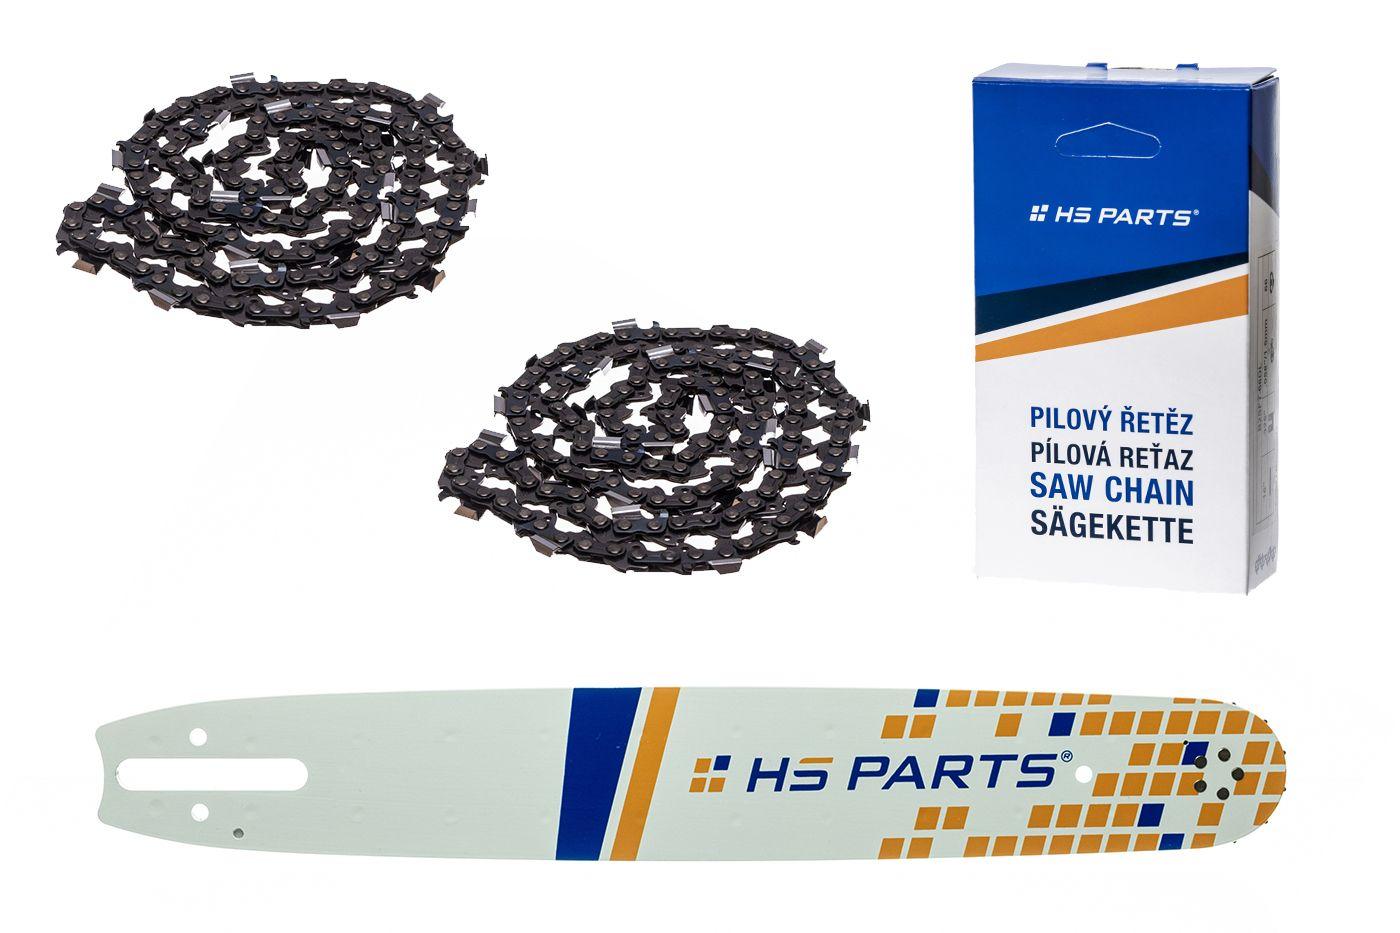 """HS PARTS Akční set vodící lišta 15"""" (38 cm) .325"""" .063"""" (1,6 mm) + 2 x pilový řetěz 62 čl."""